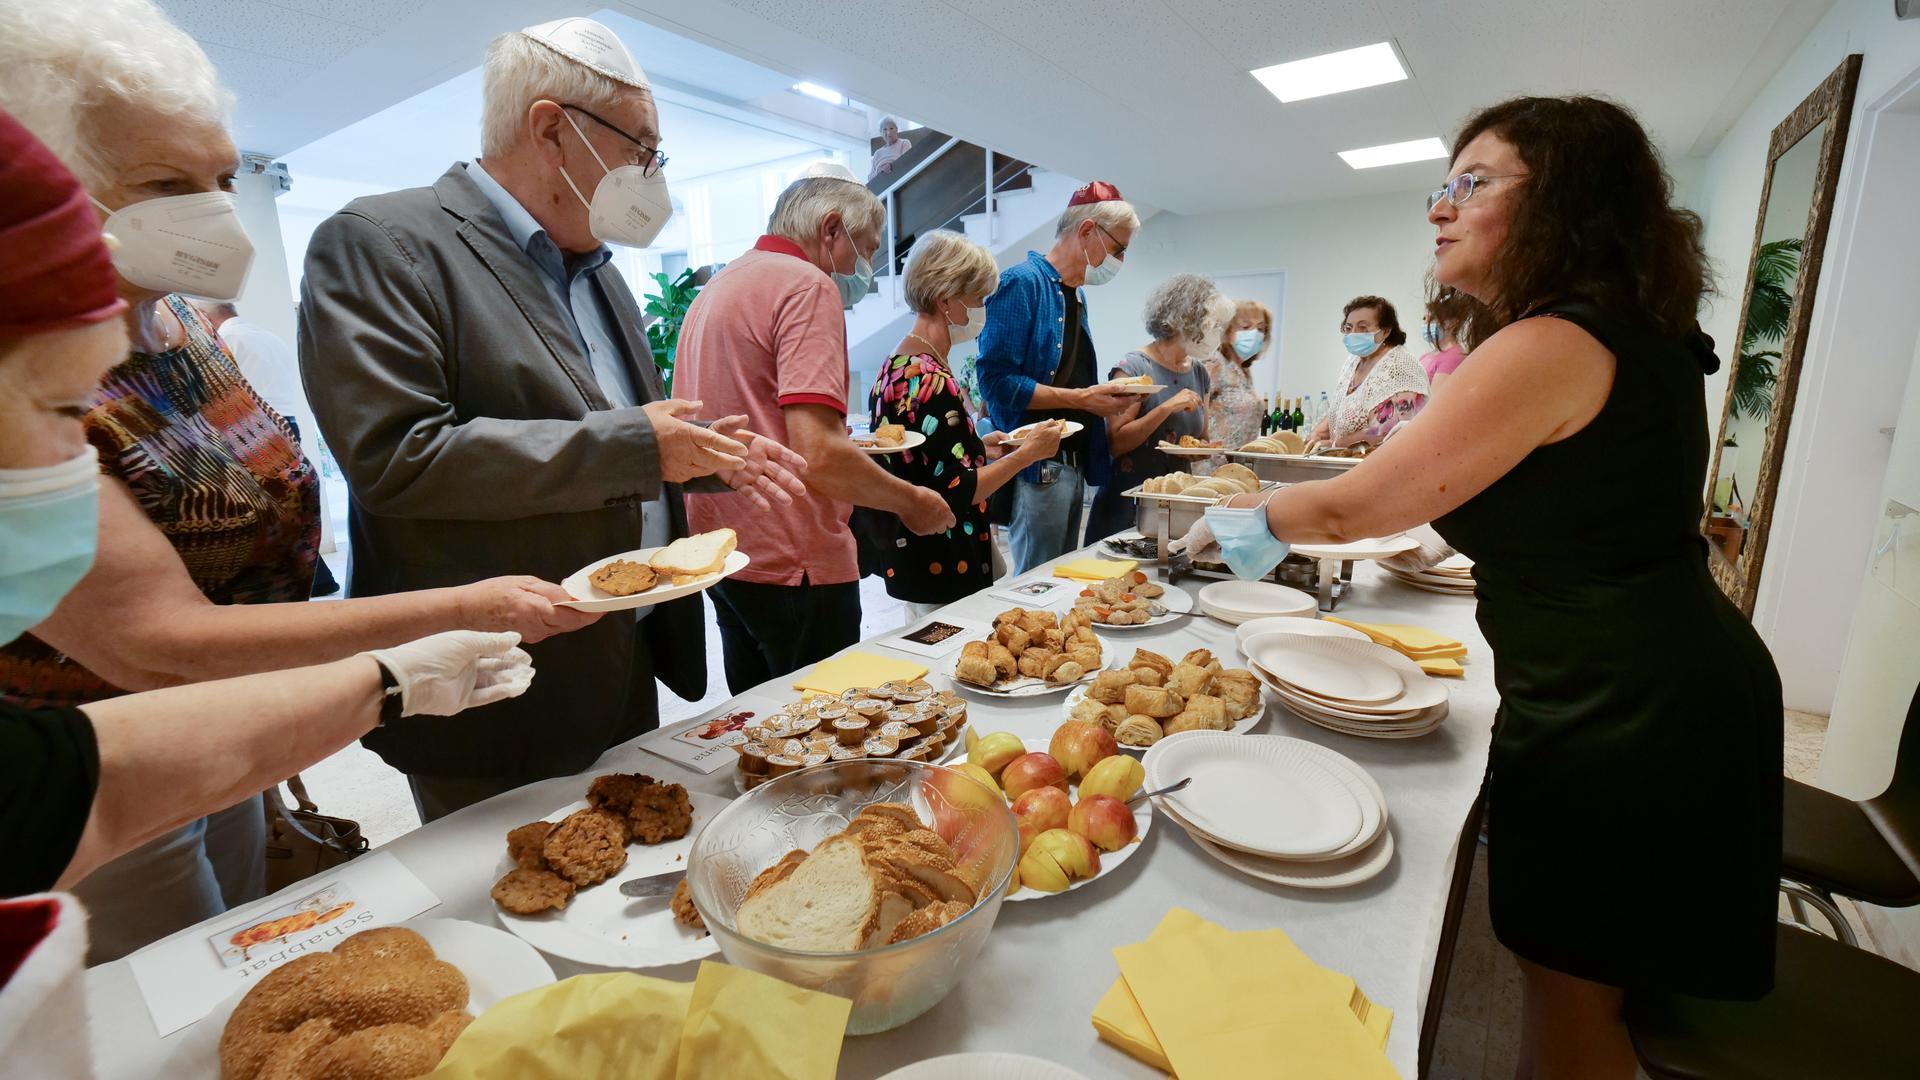 Kulinarische Köstlichkeiten: Beim Europäischen Tag der Jüdischen Kultur gab es neben geistiger auch handfeste Nahrung.